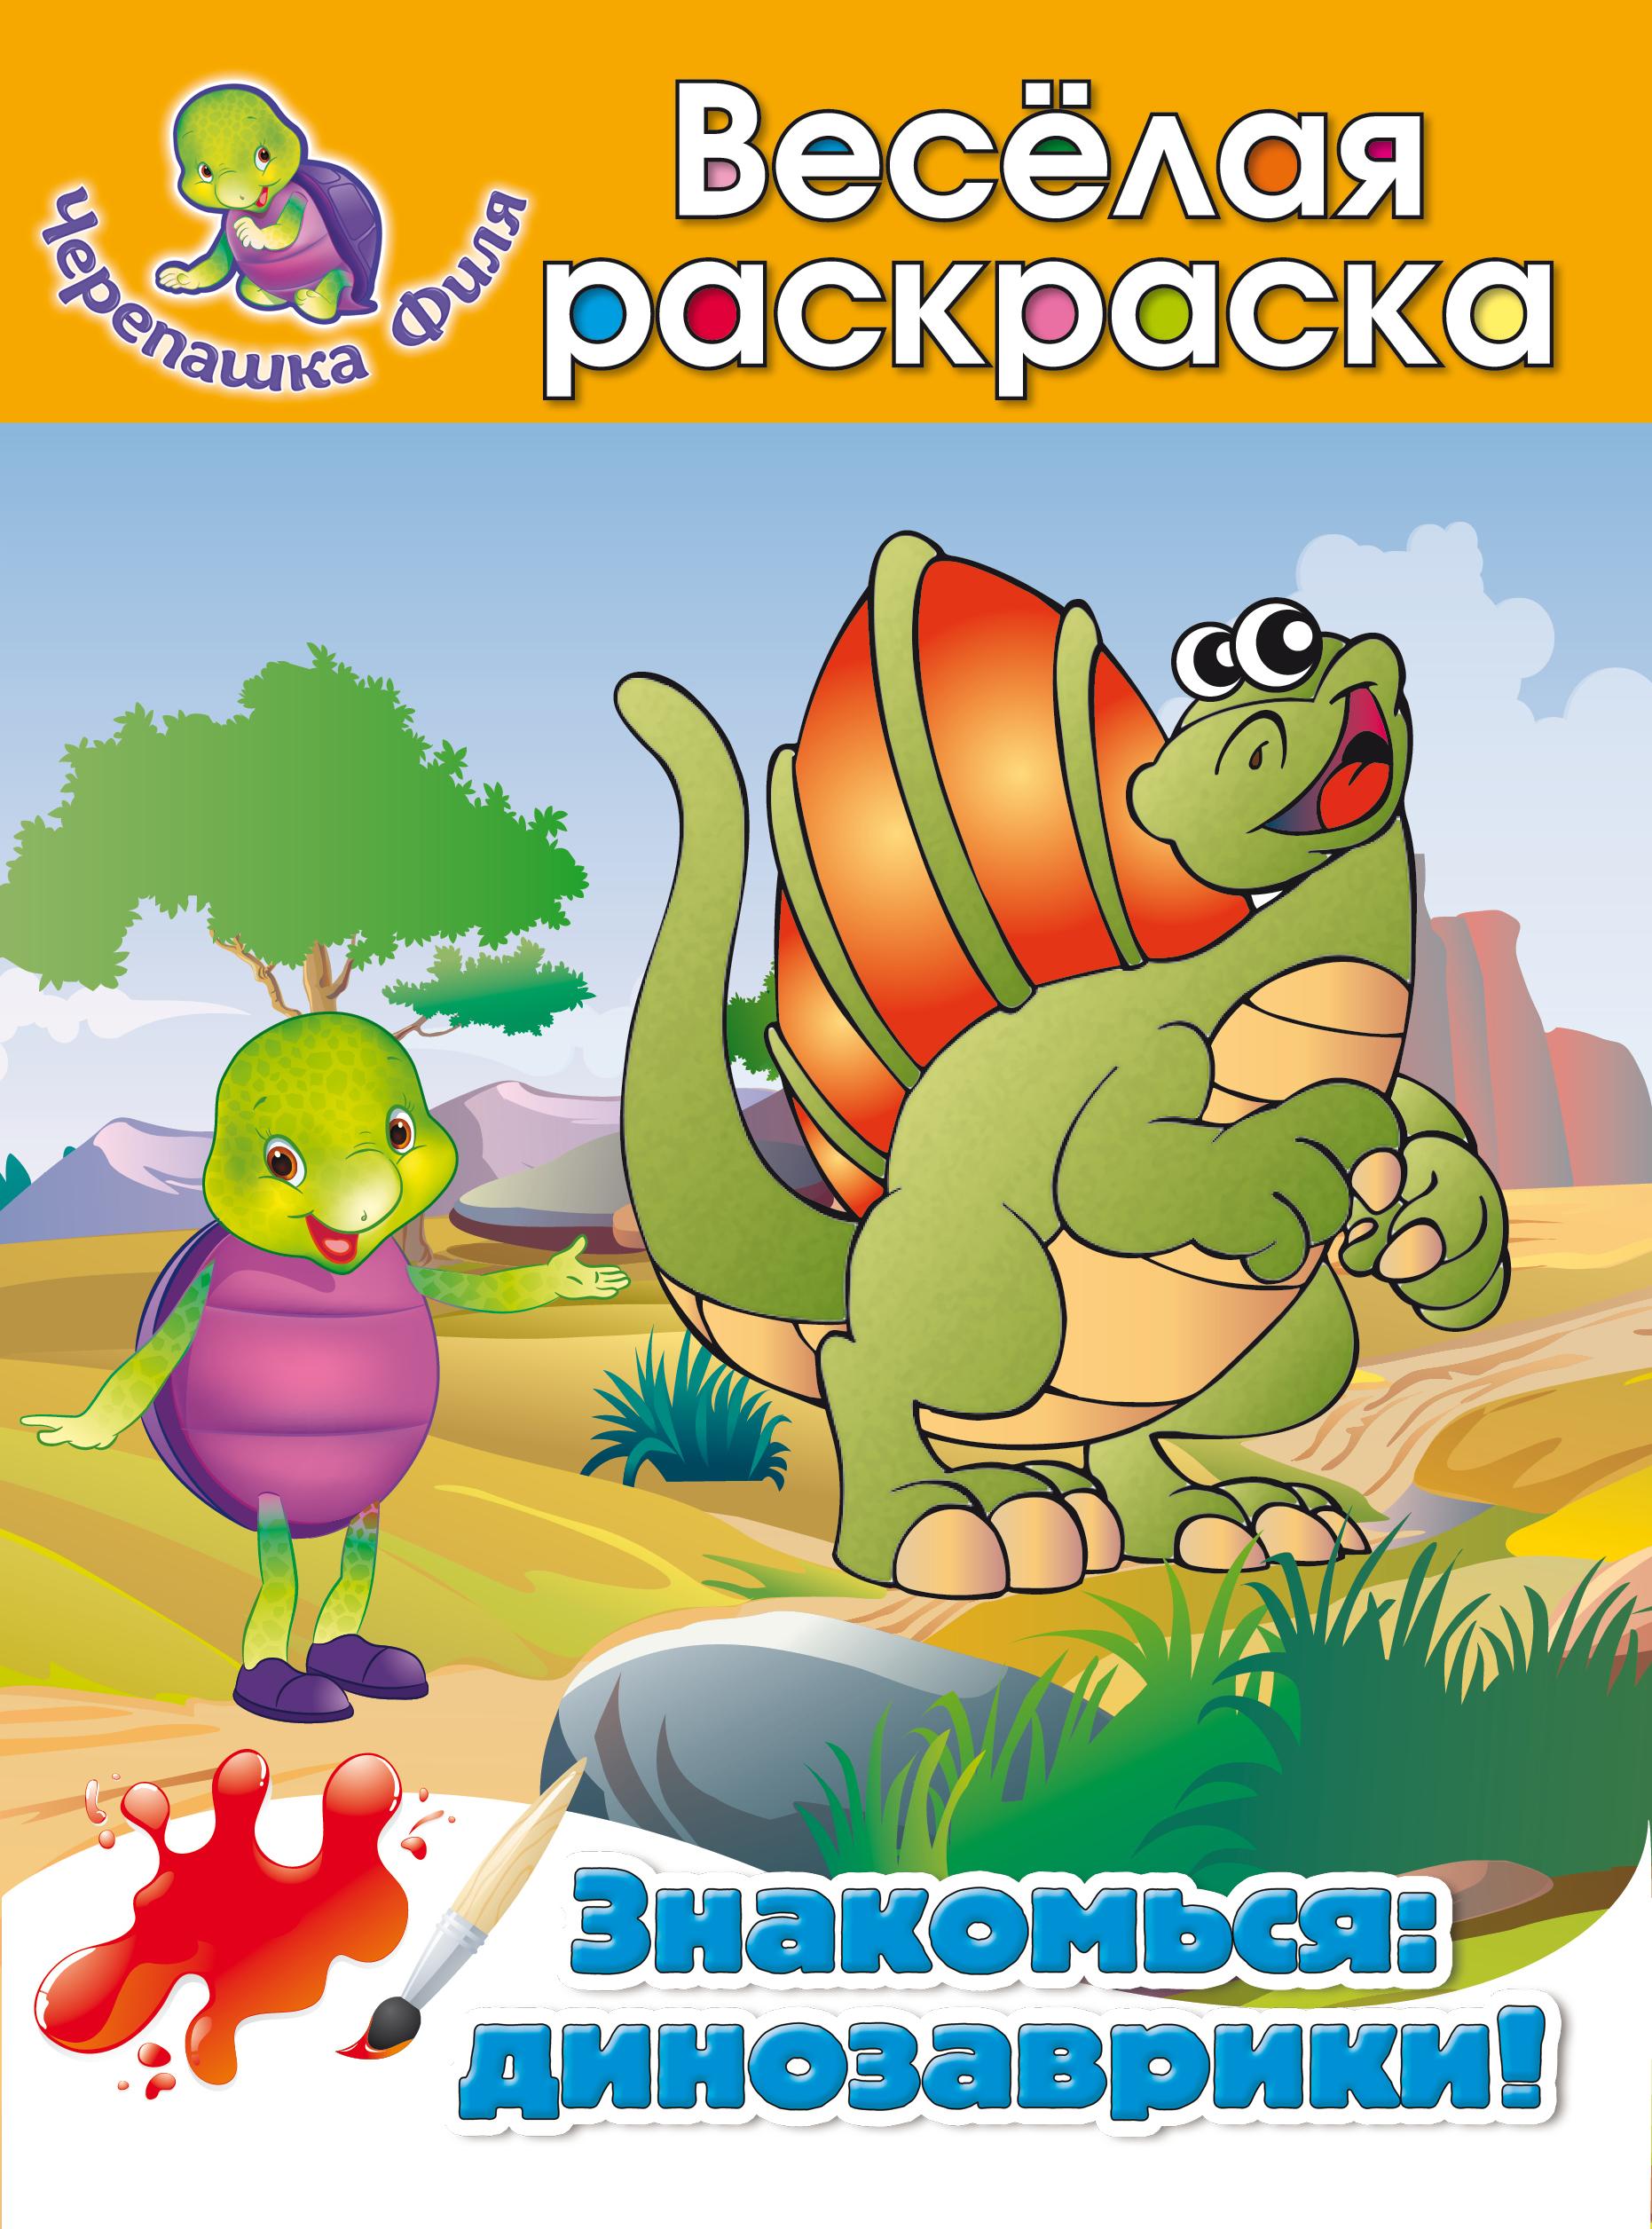 Знакомься: динозаврики! Весёлая раскраска